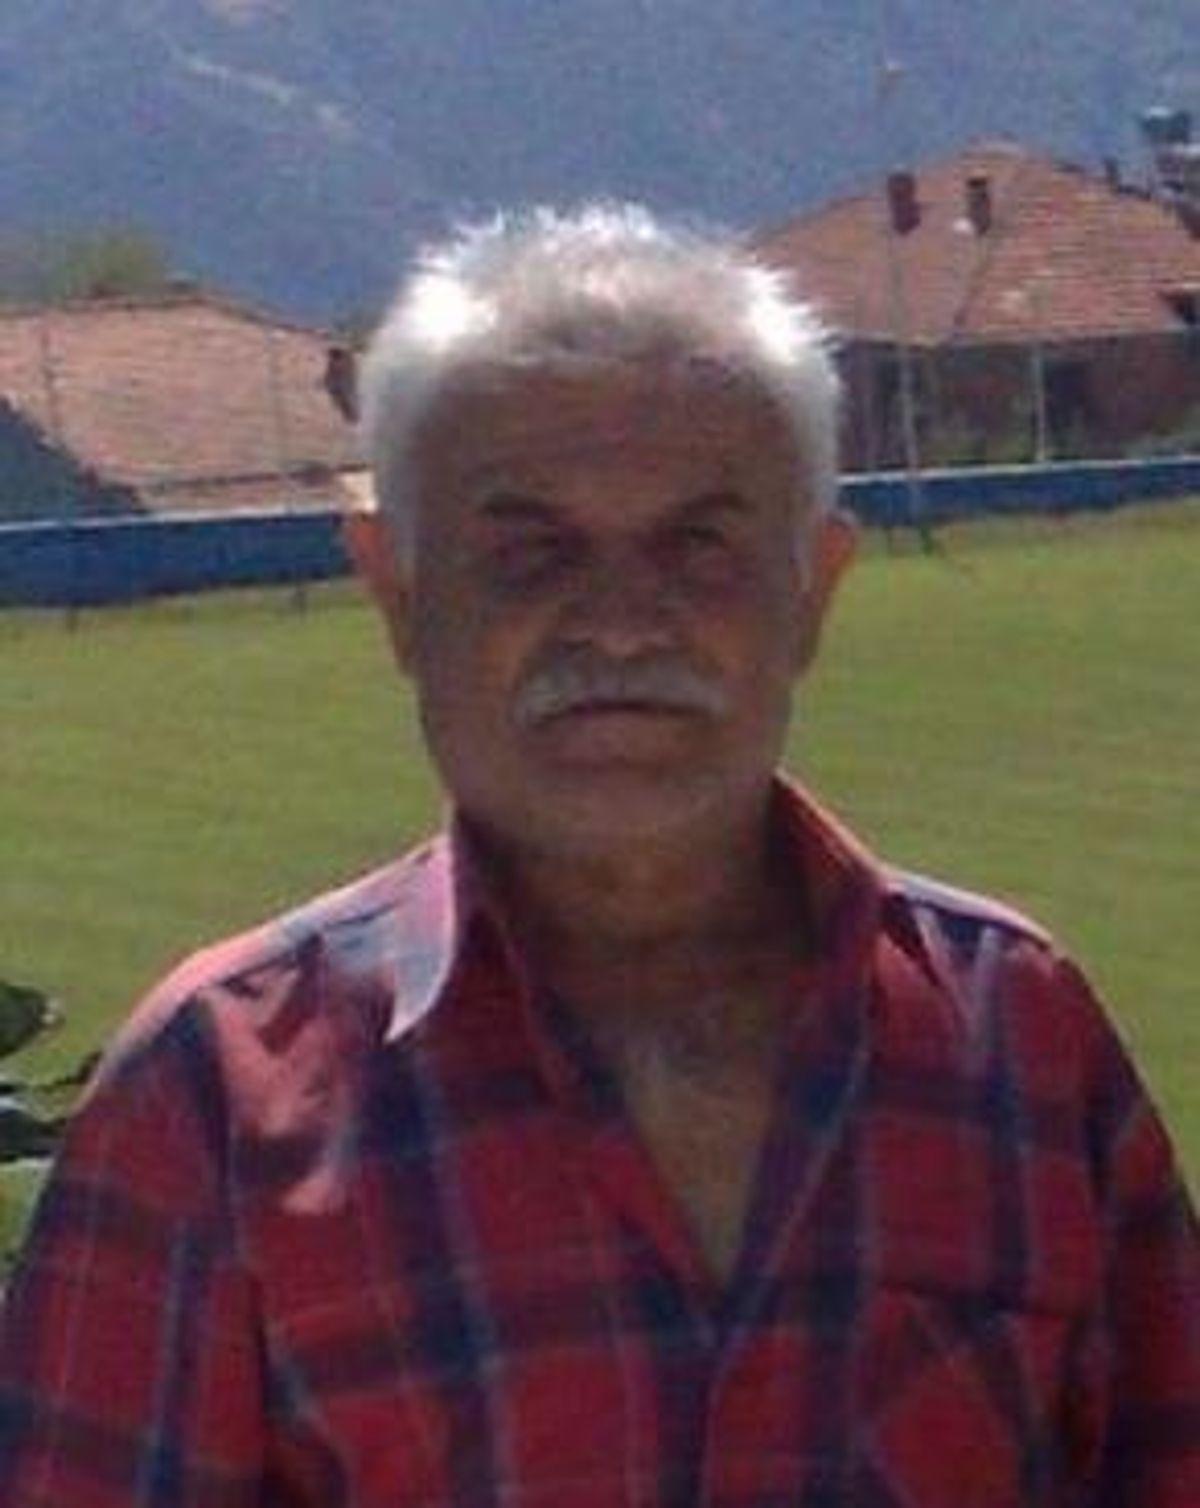 Denizli'de devrilen traktörün sürücüsü hayatını kaybetti